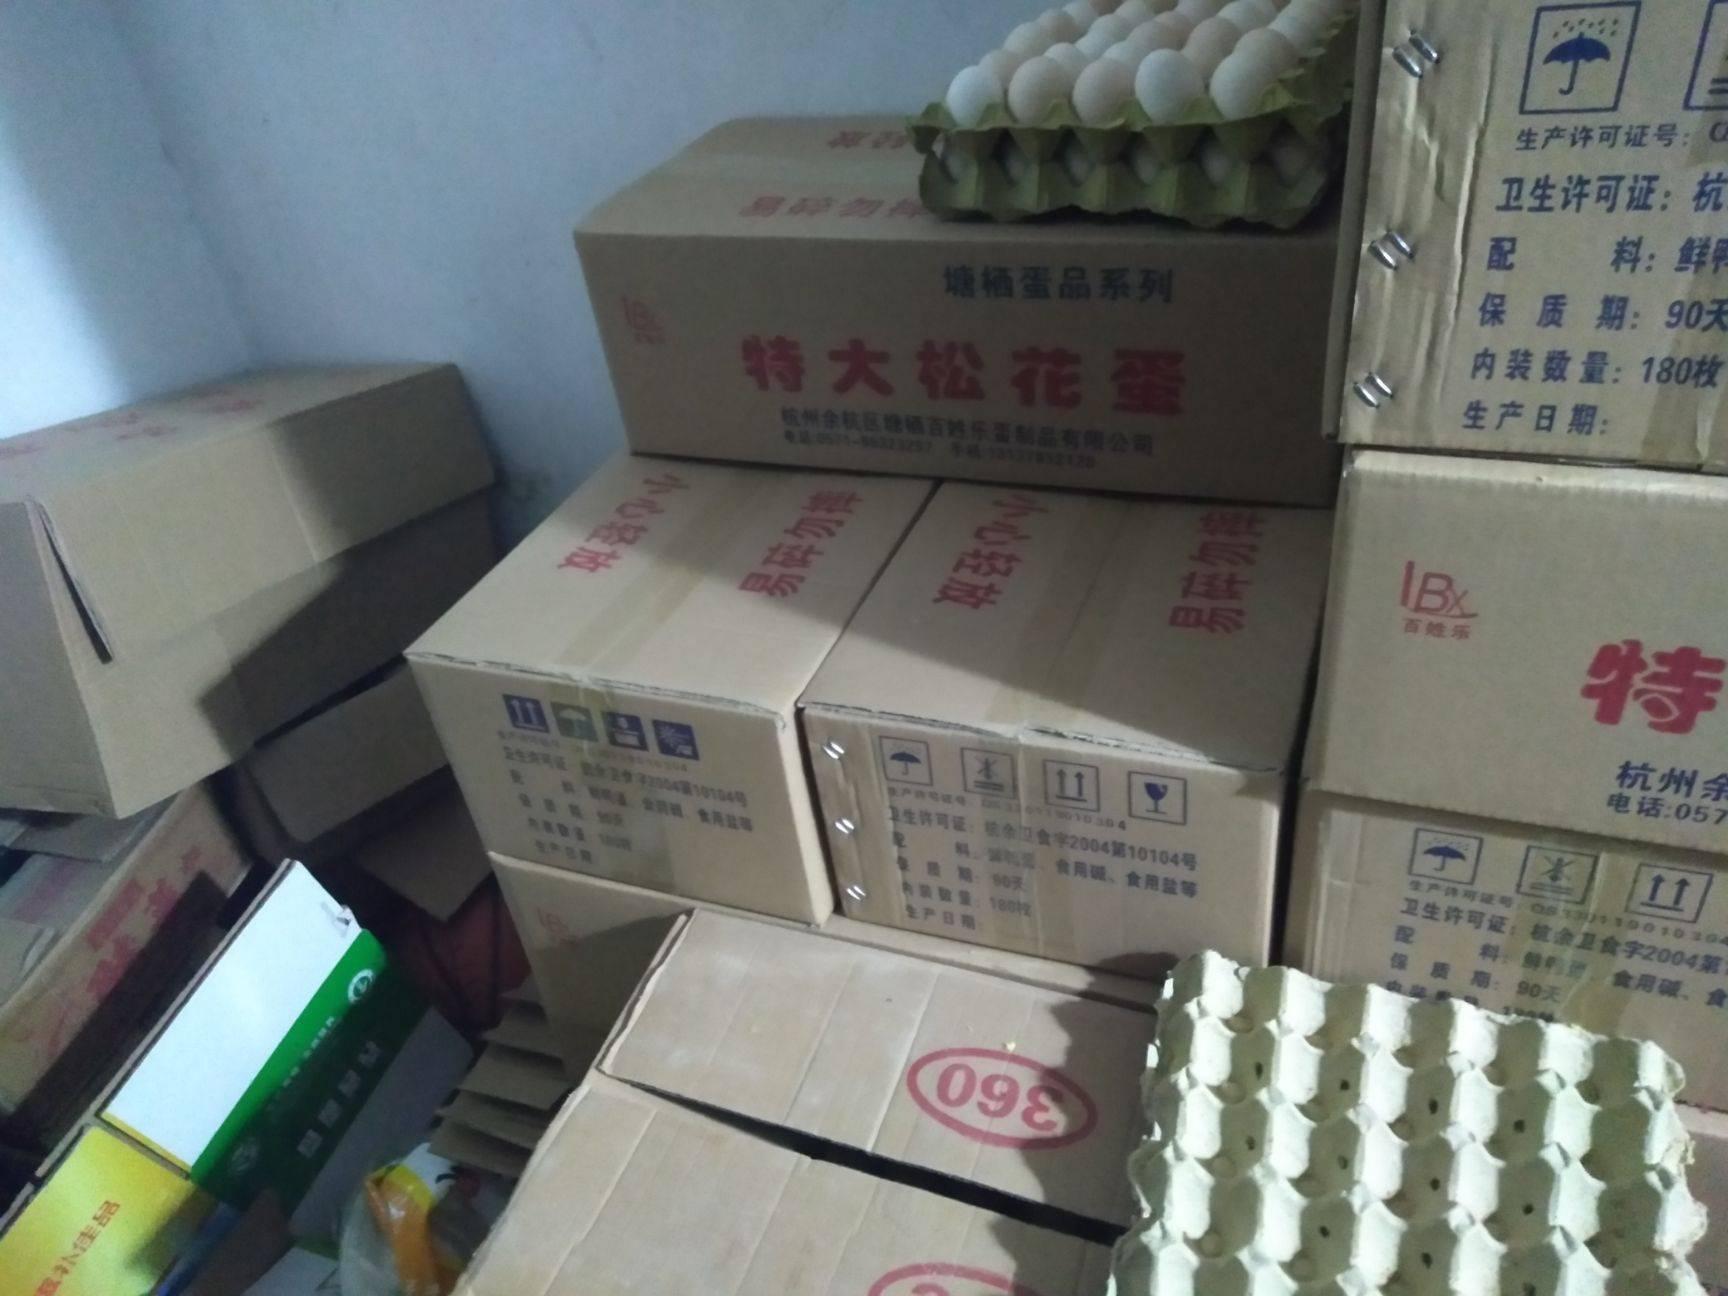 [松花皮蛋批发]松花皮蛋 每箱180枚鸭蛋松花蛋,每箱重26斤左右。价格165元/箱